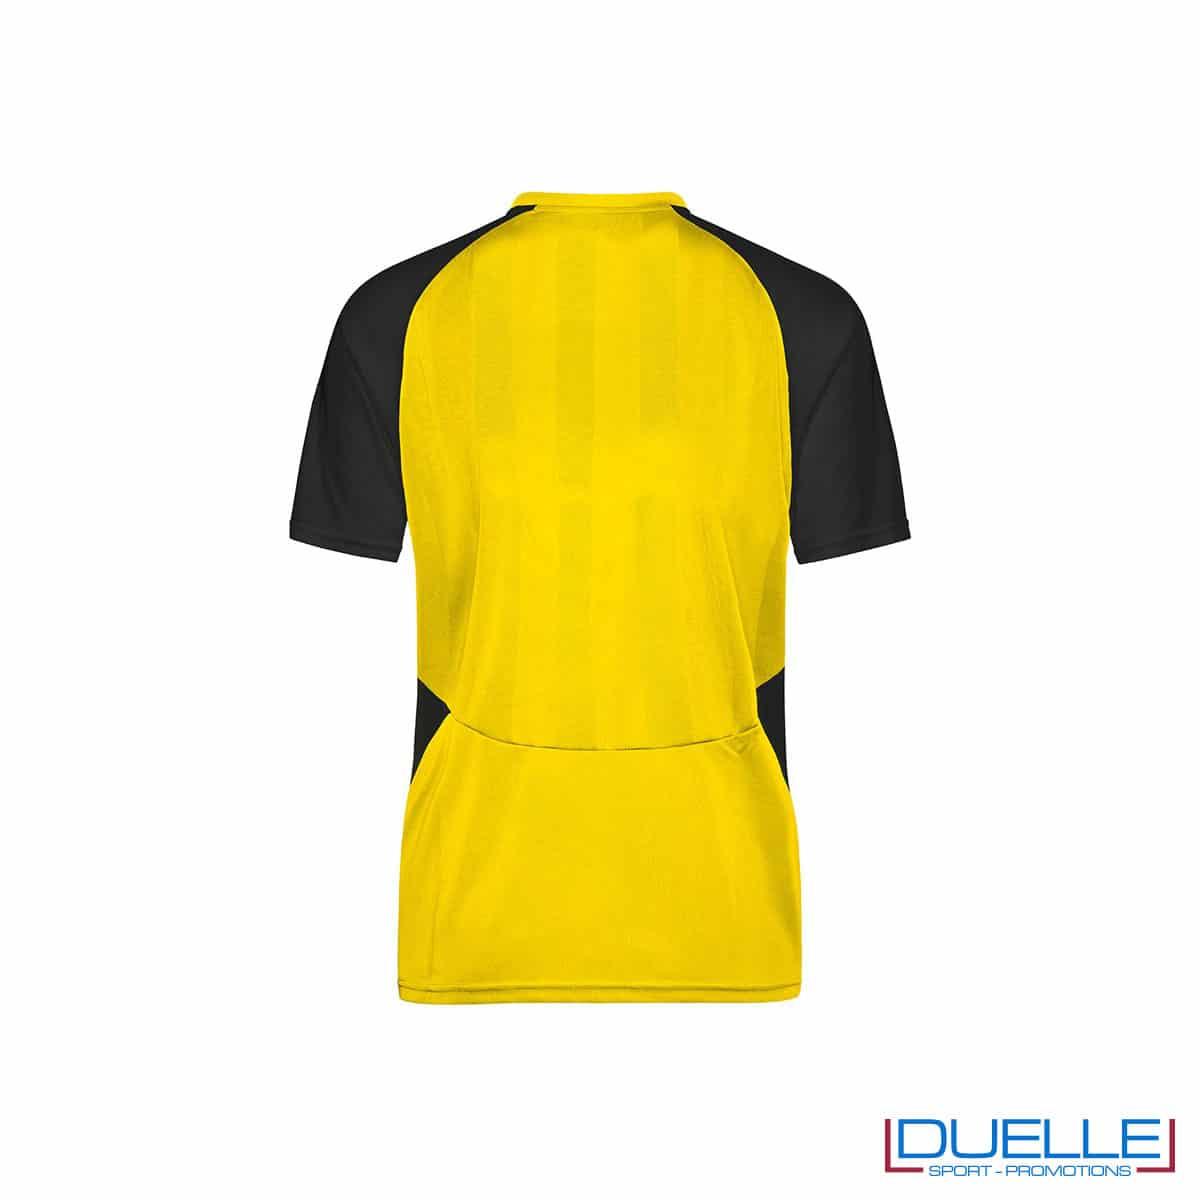 Retro maglietta calcio personalizzabile colore giallo-nero